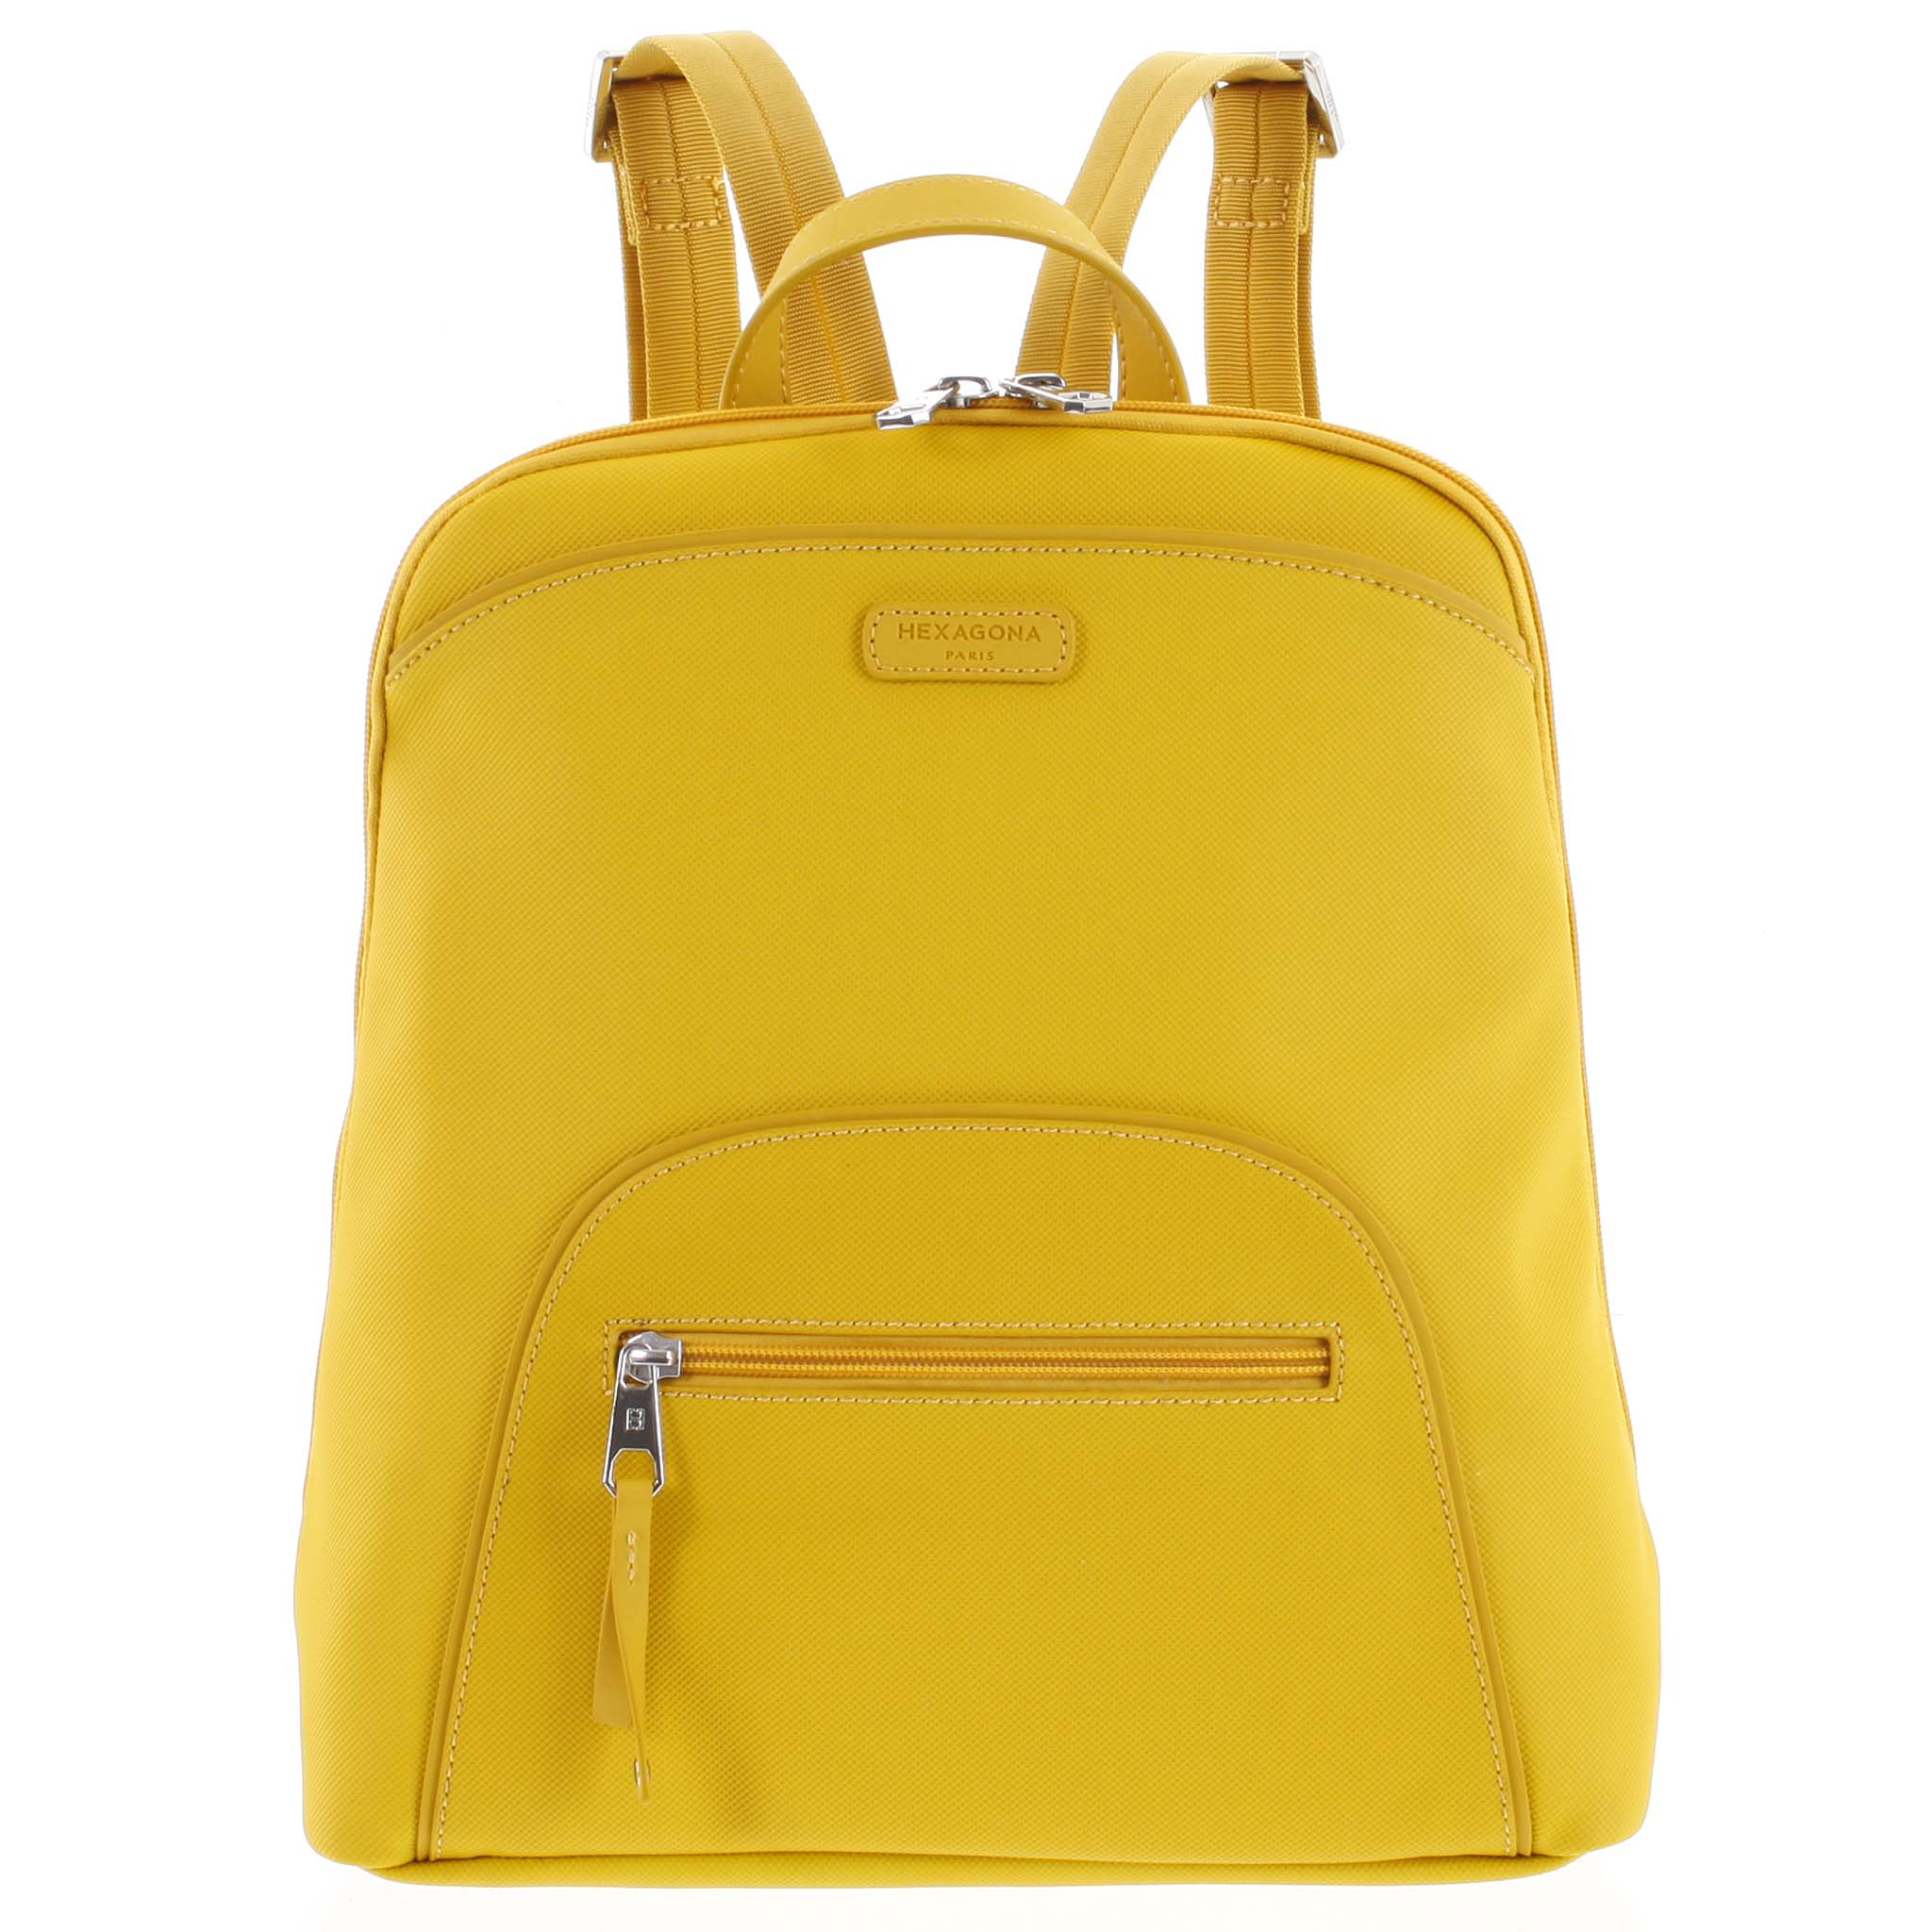 Dámský batoh žlutý - Hexagona Smalmer